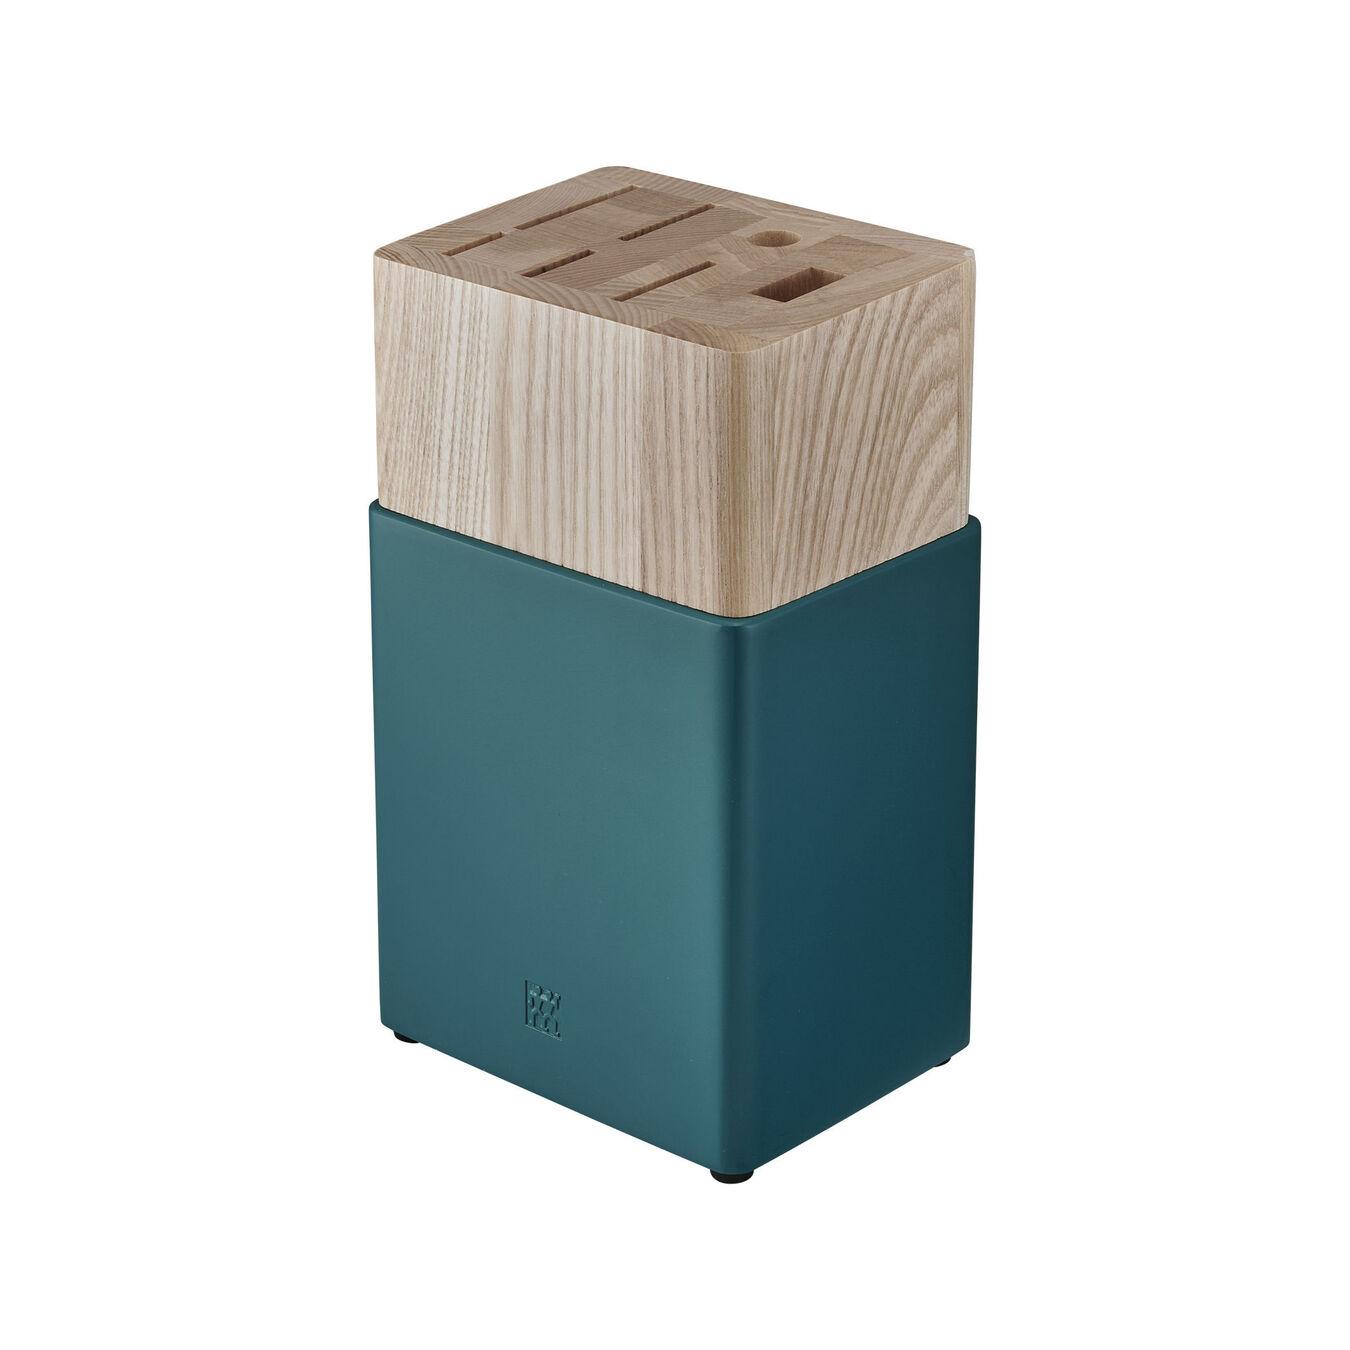 8-pc Knife Block Set - Blueberry Blue,,large 2